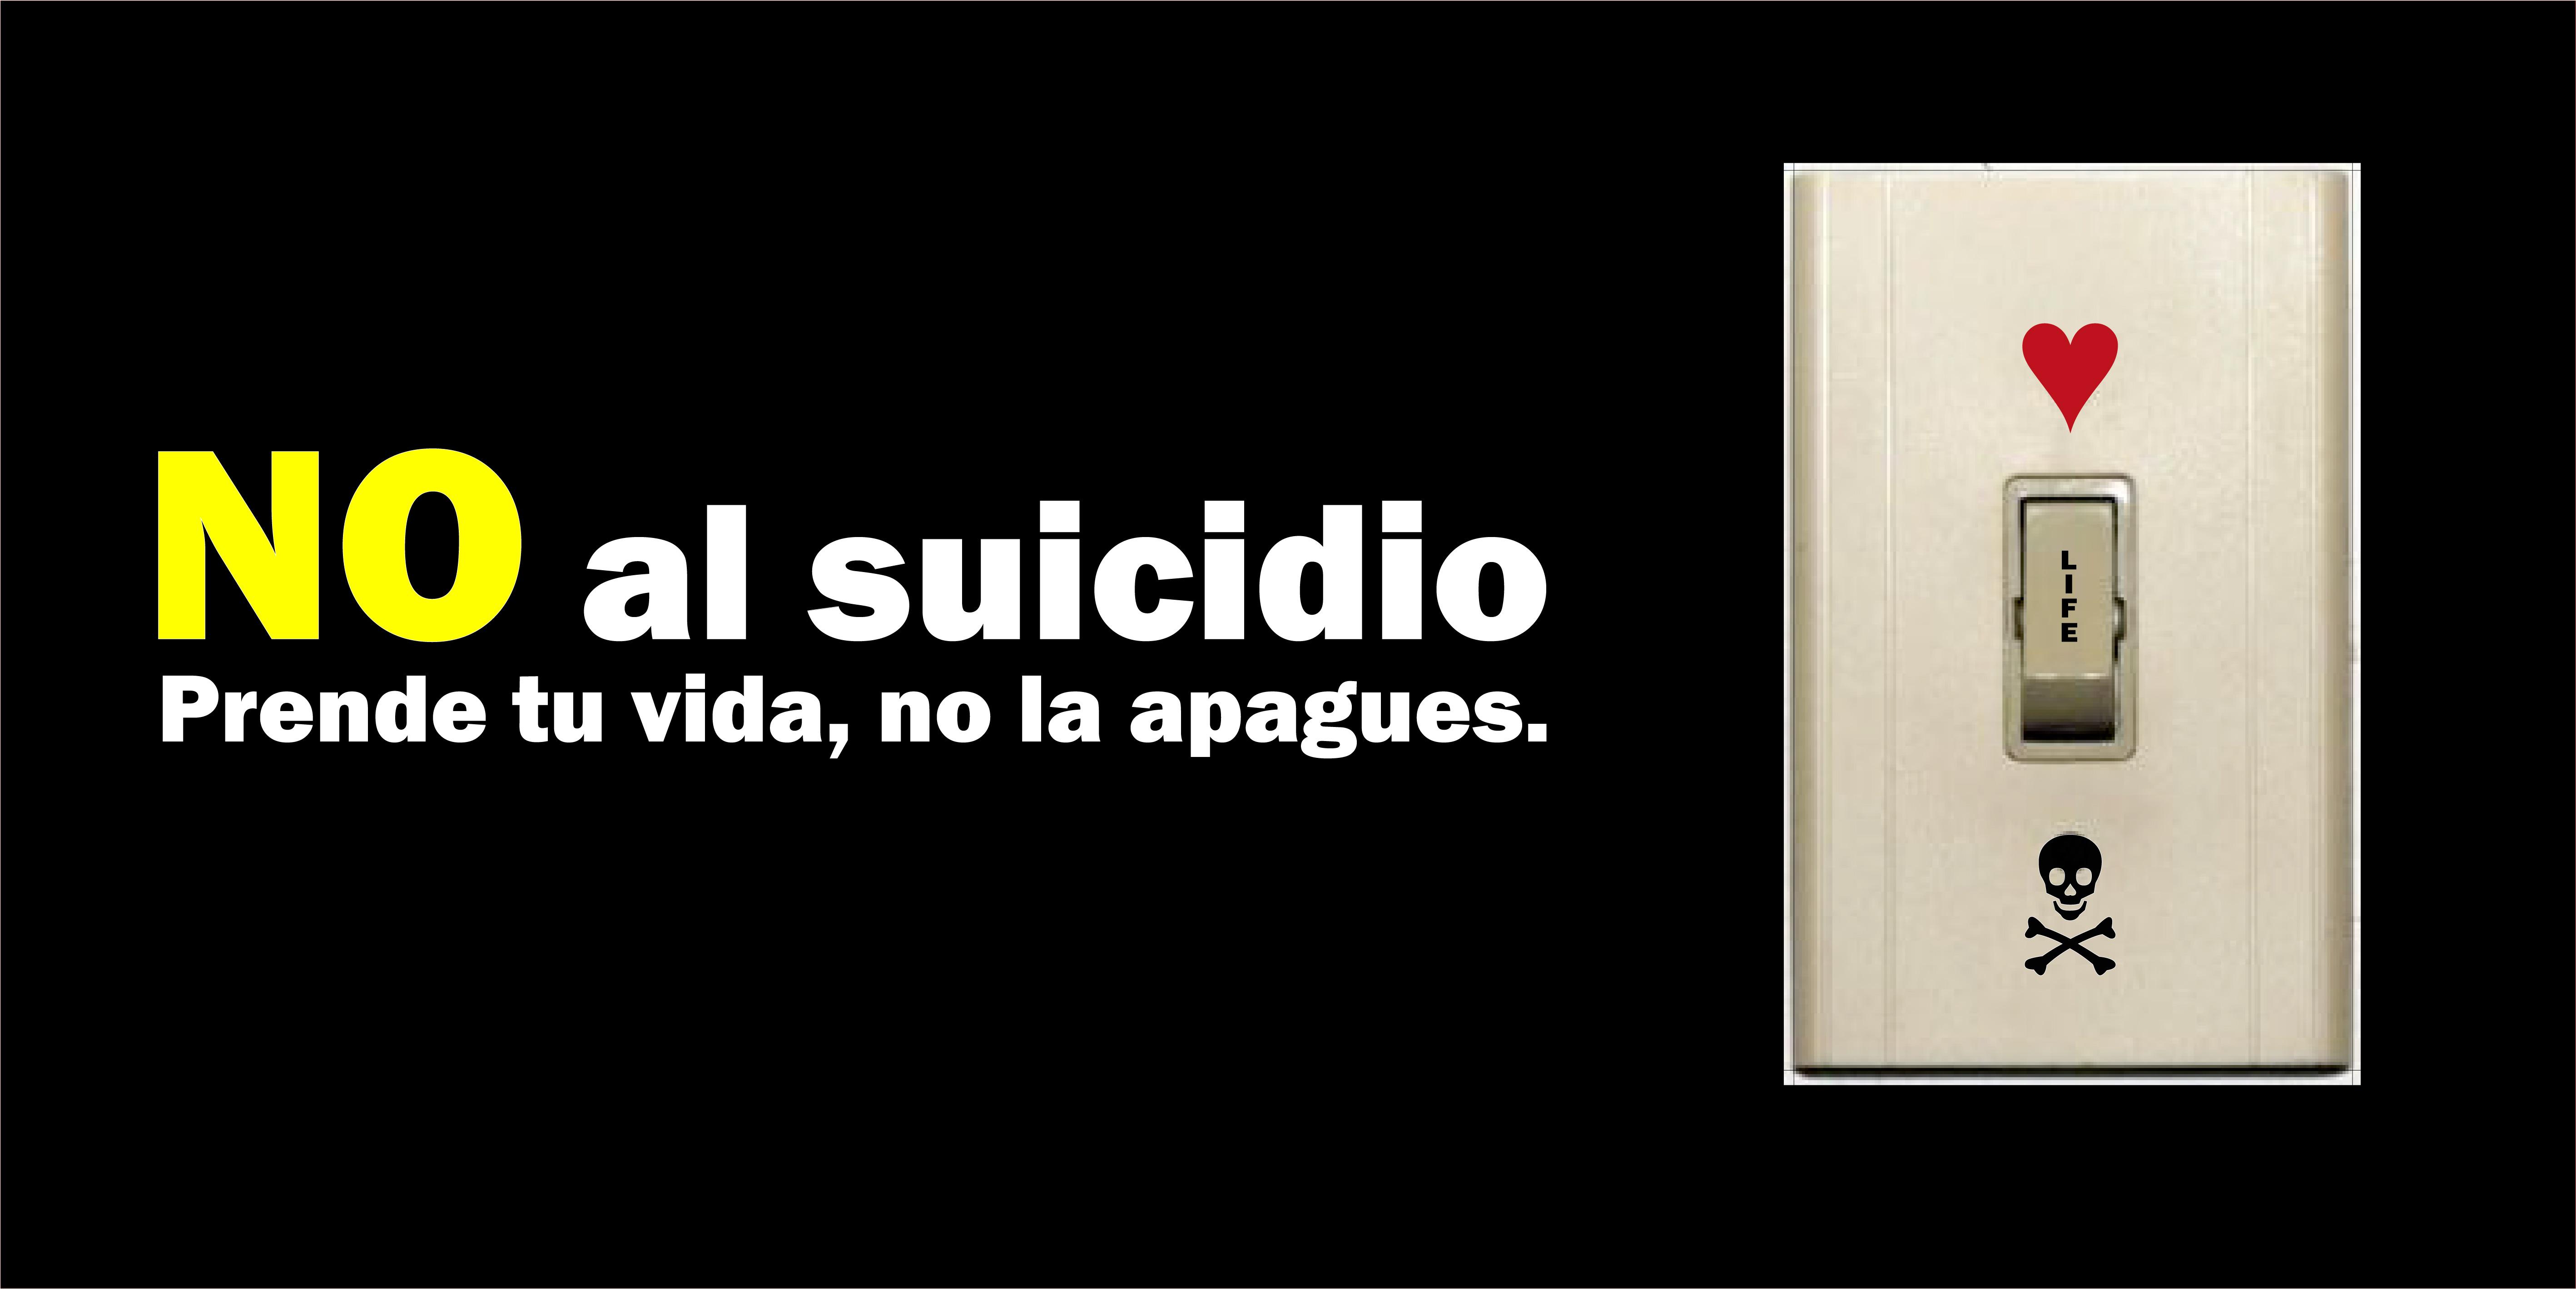 ayuda contra el suicidio